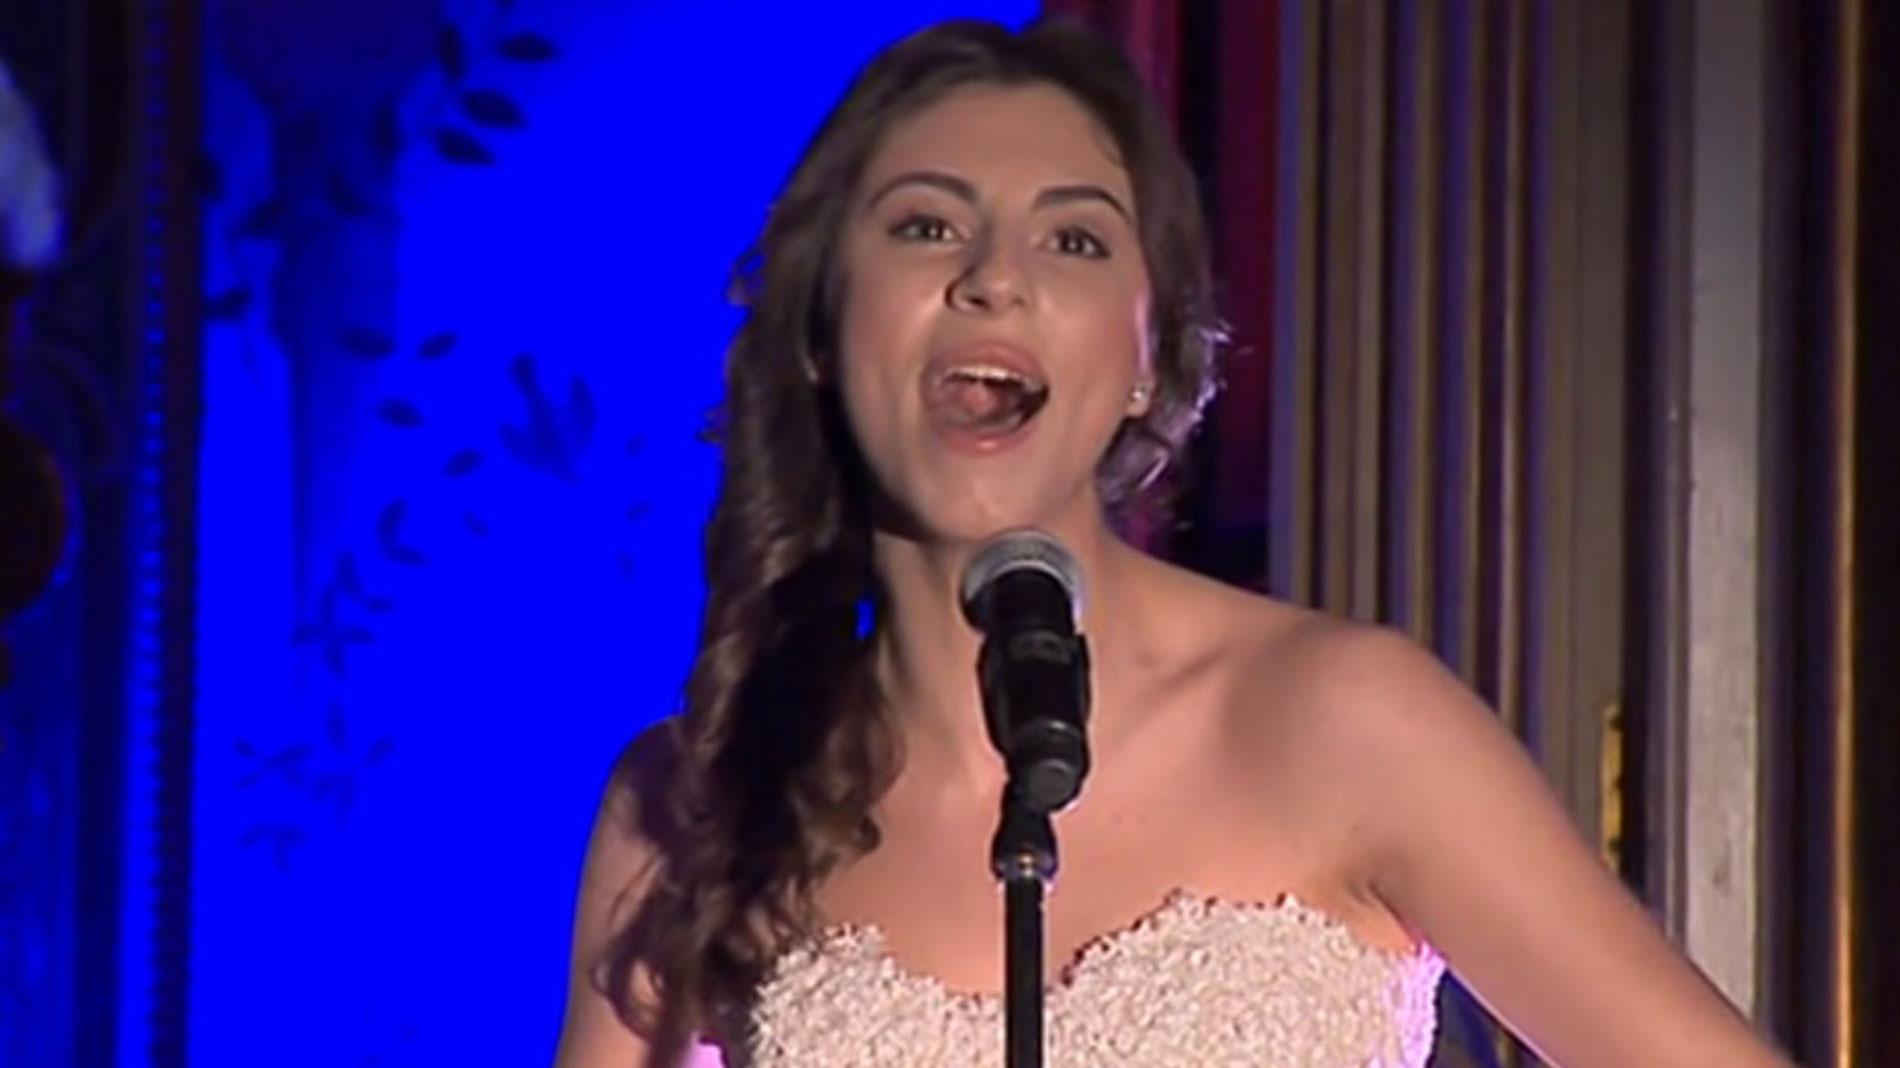 El musical Anastasia elige Madrid para su estreno en Europa